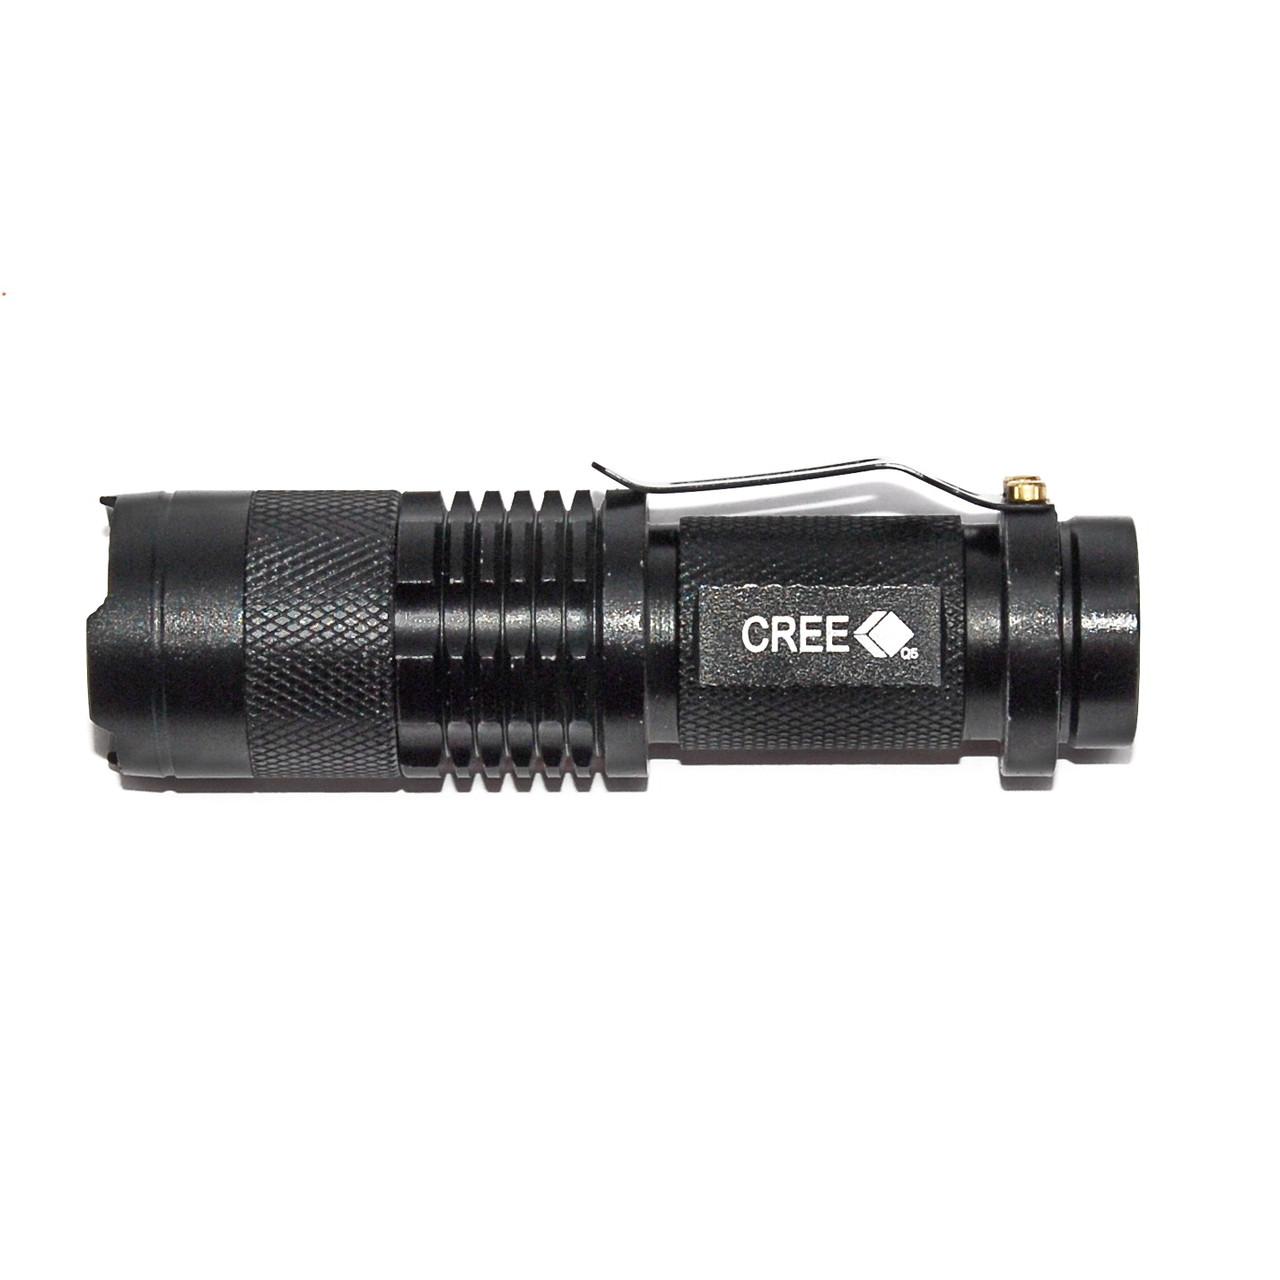 Фонарь UltraFire mini - CREE Q5